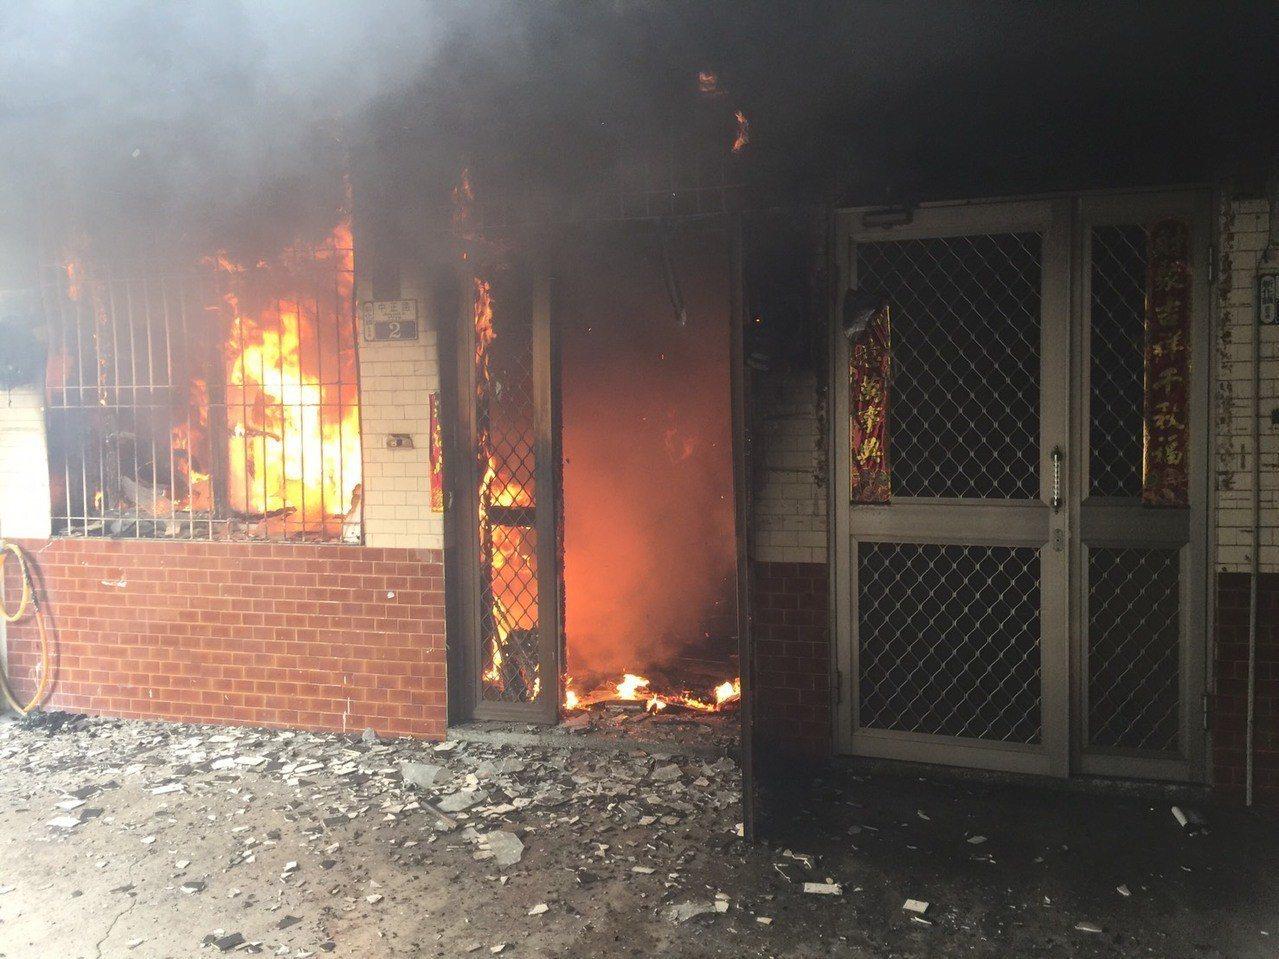 台南市新化區中正路民宅起火,消防員到達時已全面燃燒。圖/台南市消防局提供